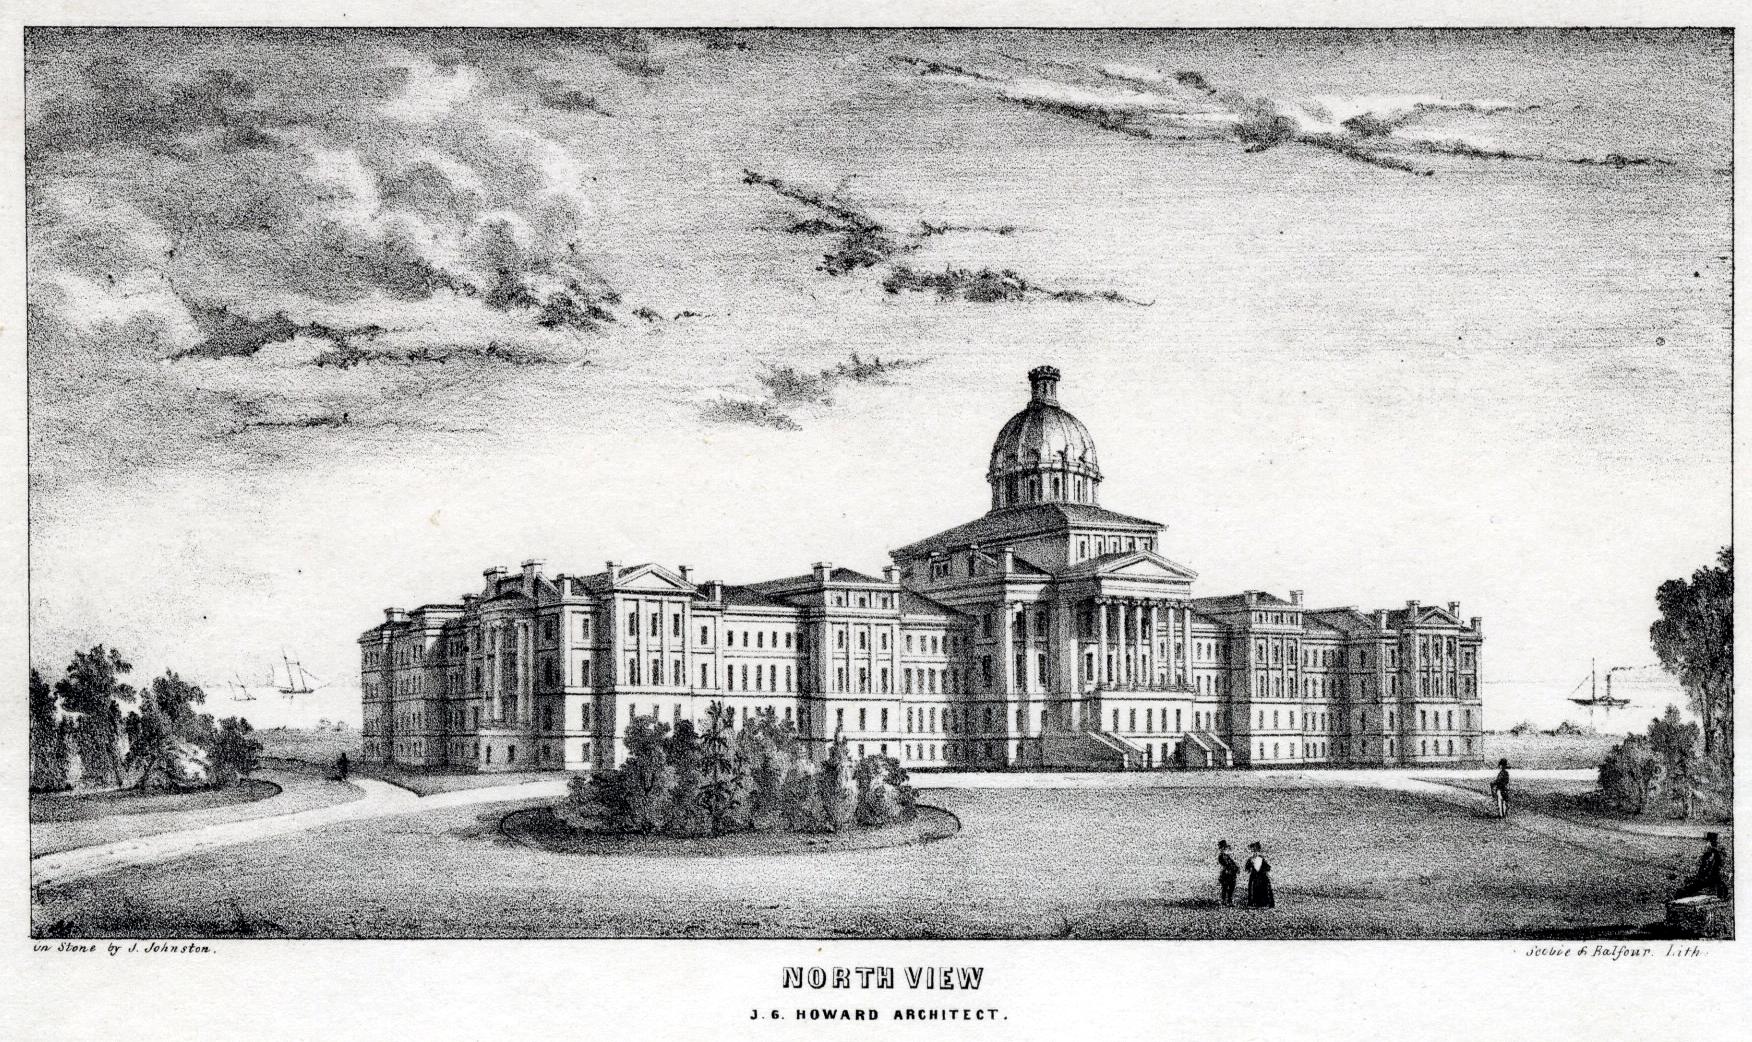 Upper Canada (Ontario) Insane Asylum Inmates